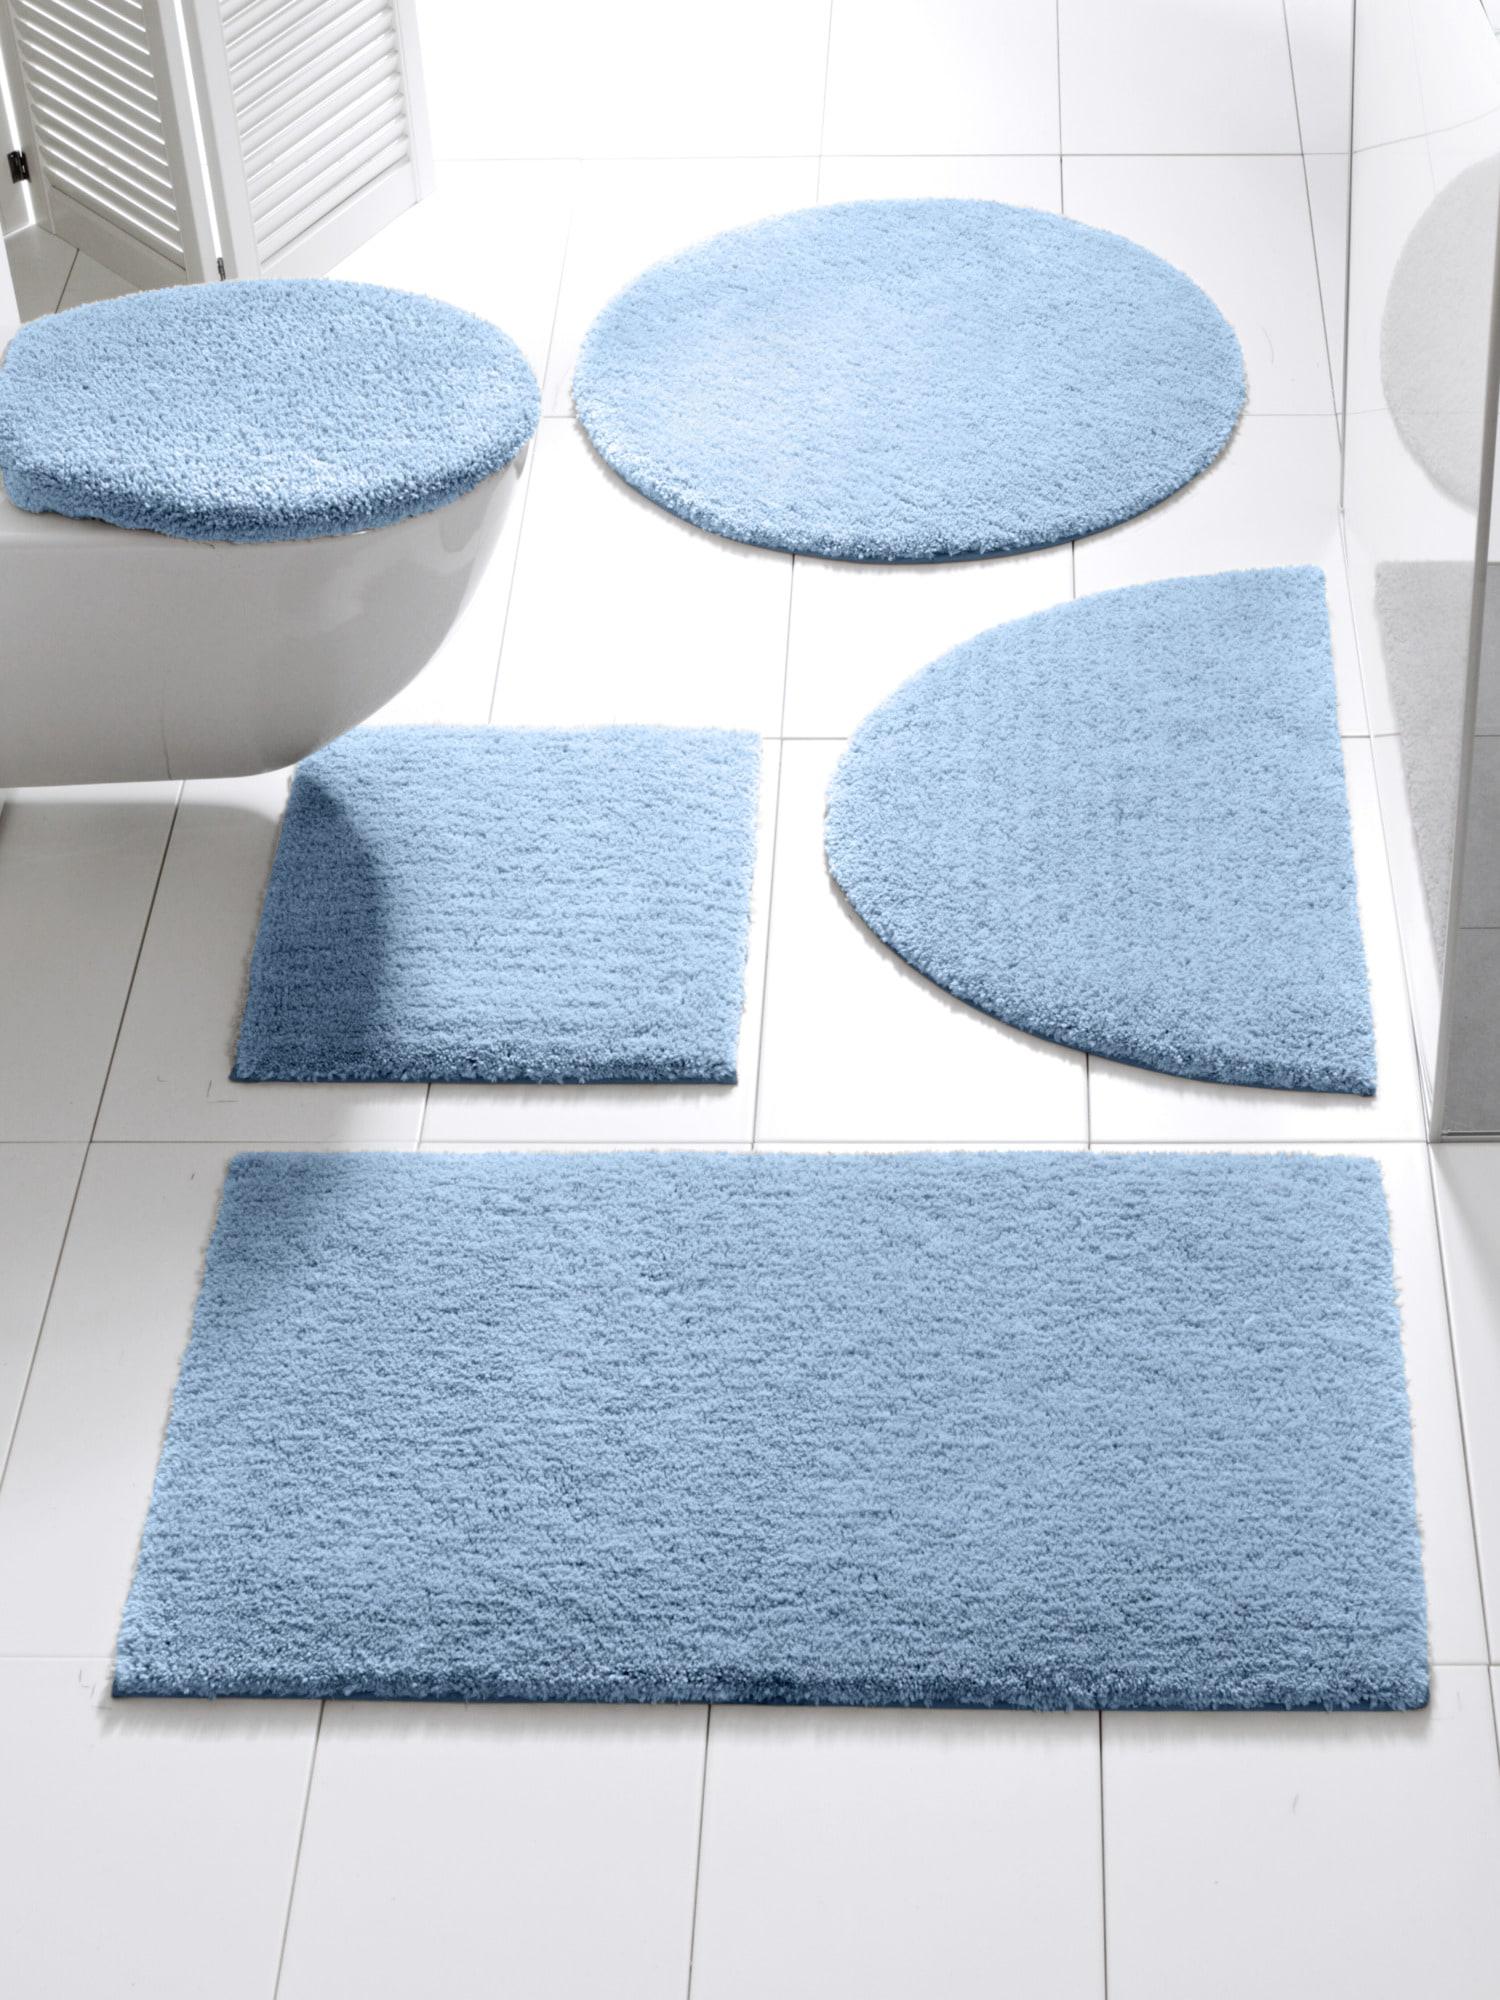 heine home Badgarnitur, kuschelweich | Bad > Badgarnituren > Badgarnituren-Sets | Blau | Microfaser | heine home